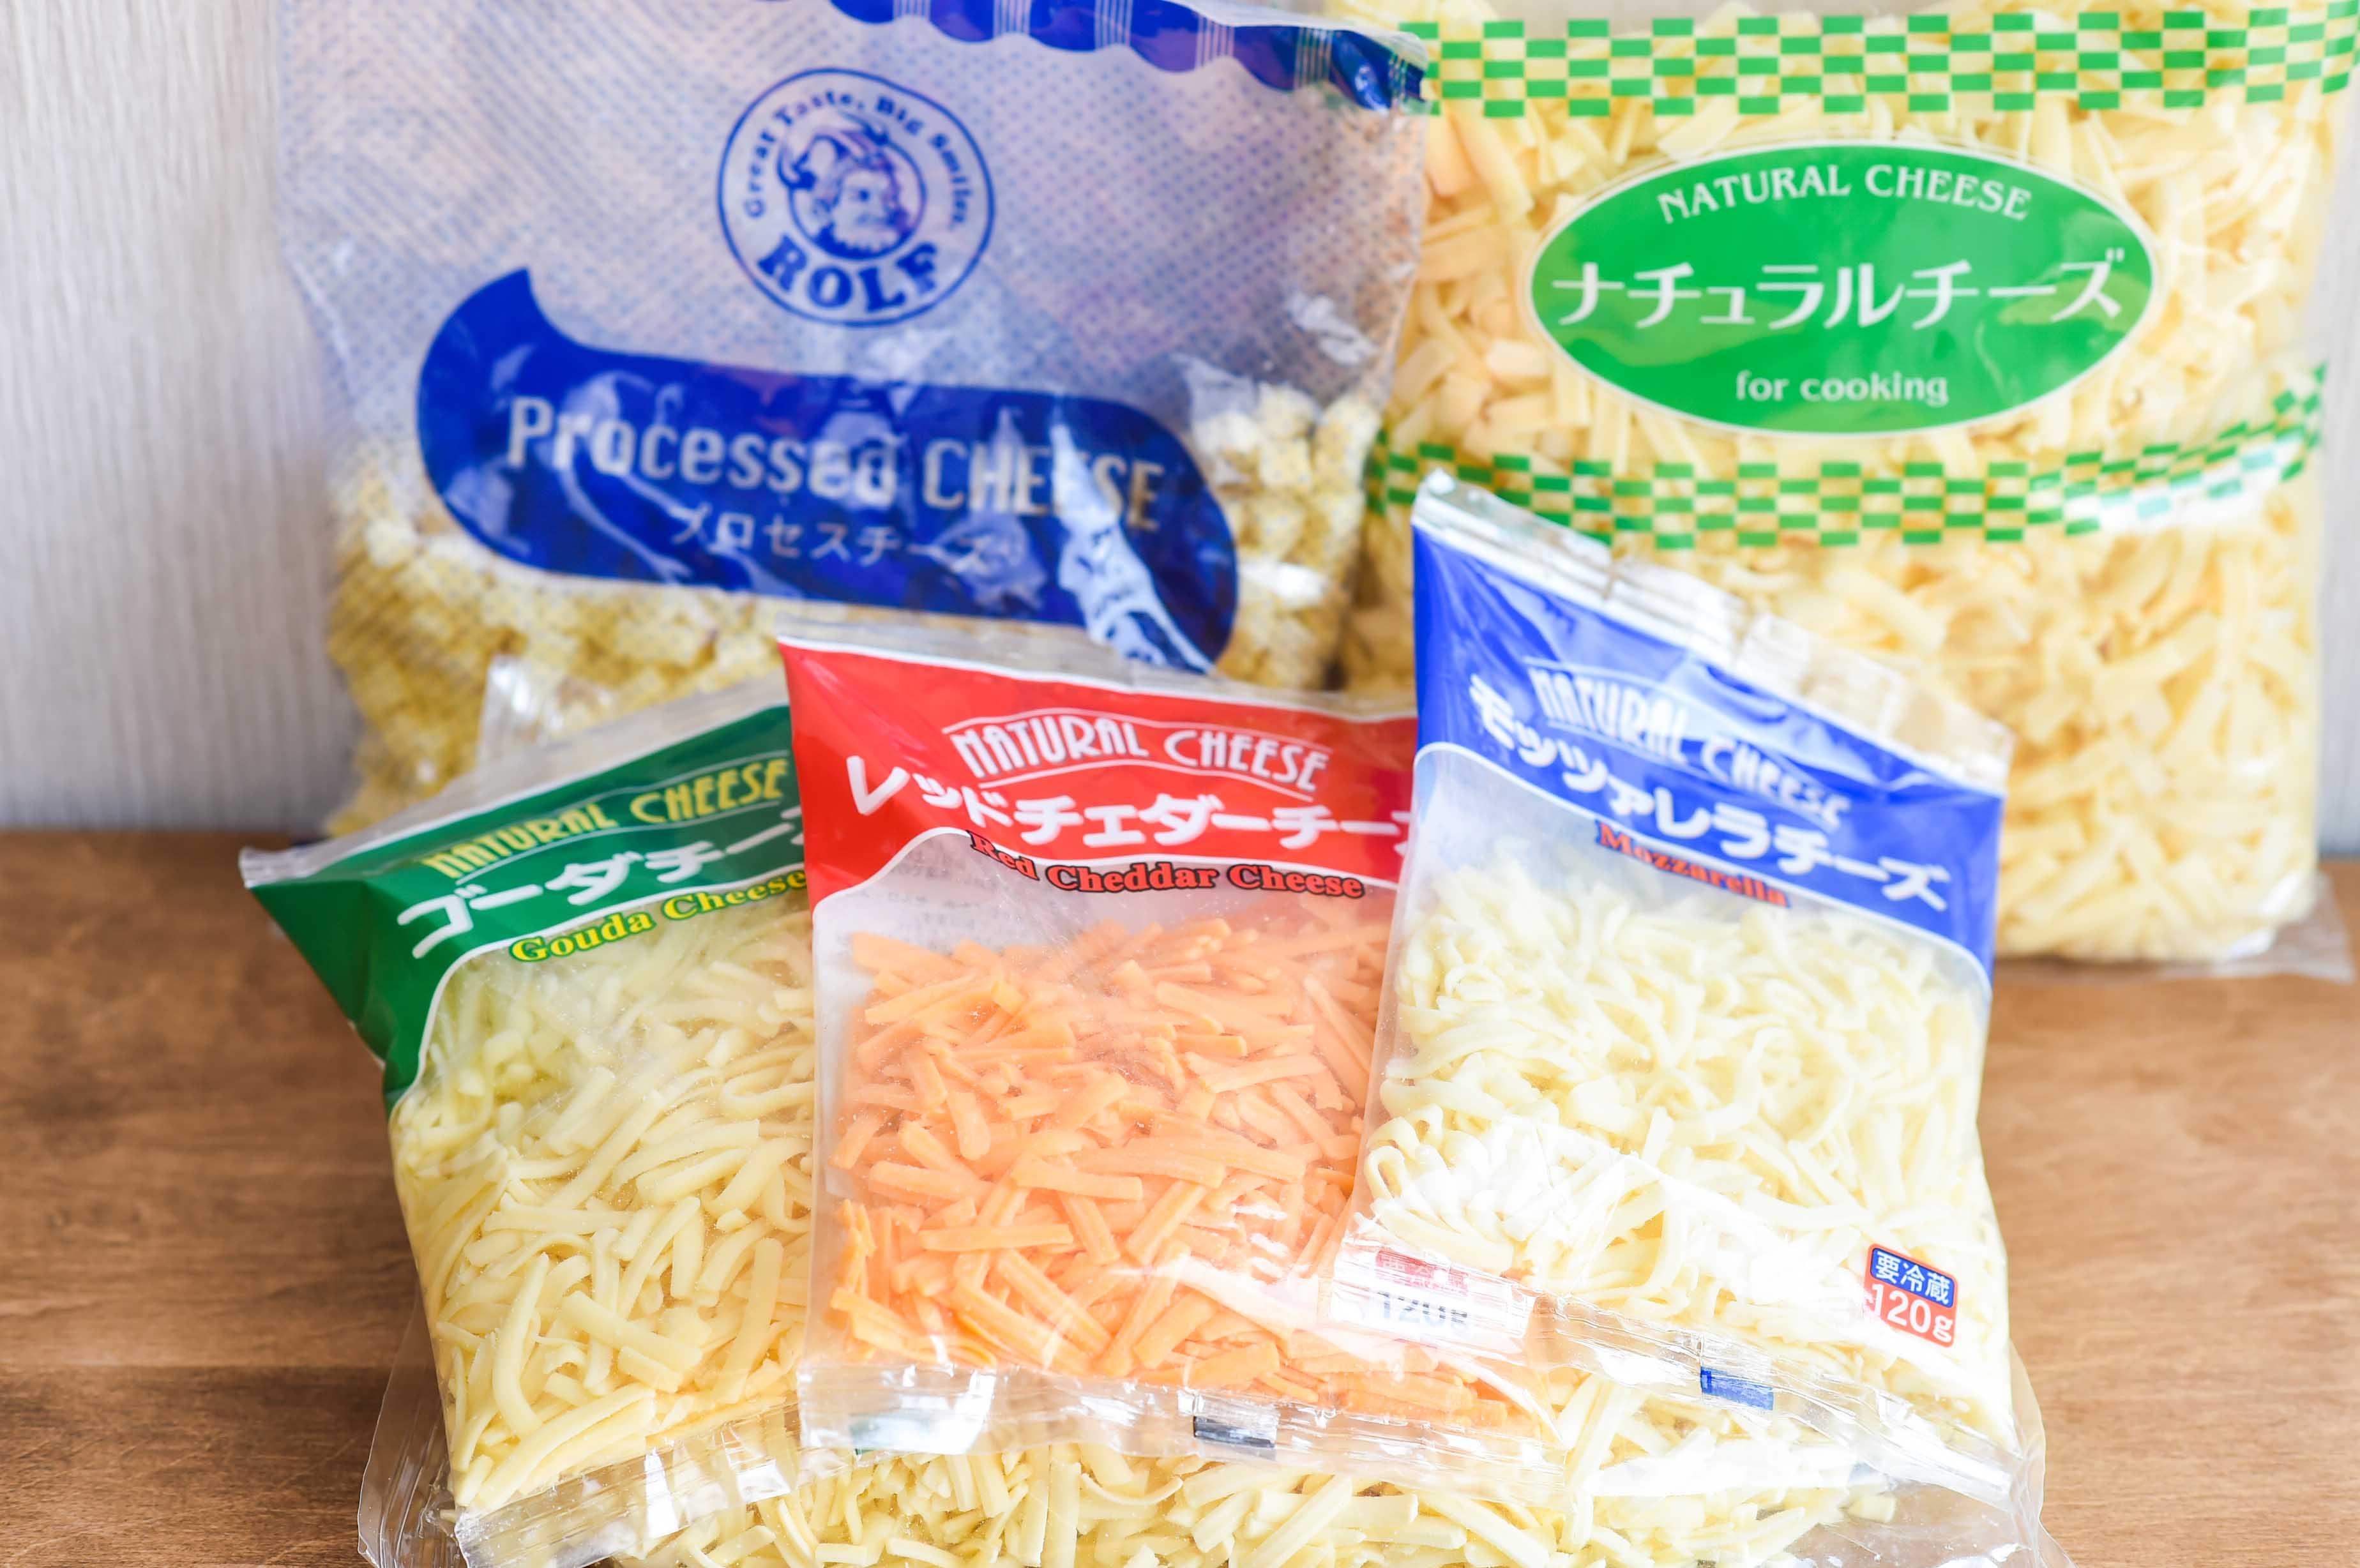 シュレッドチーズシリーズ